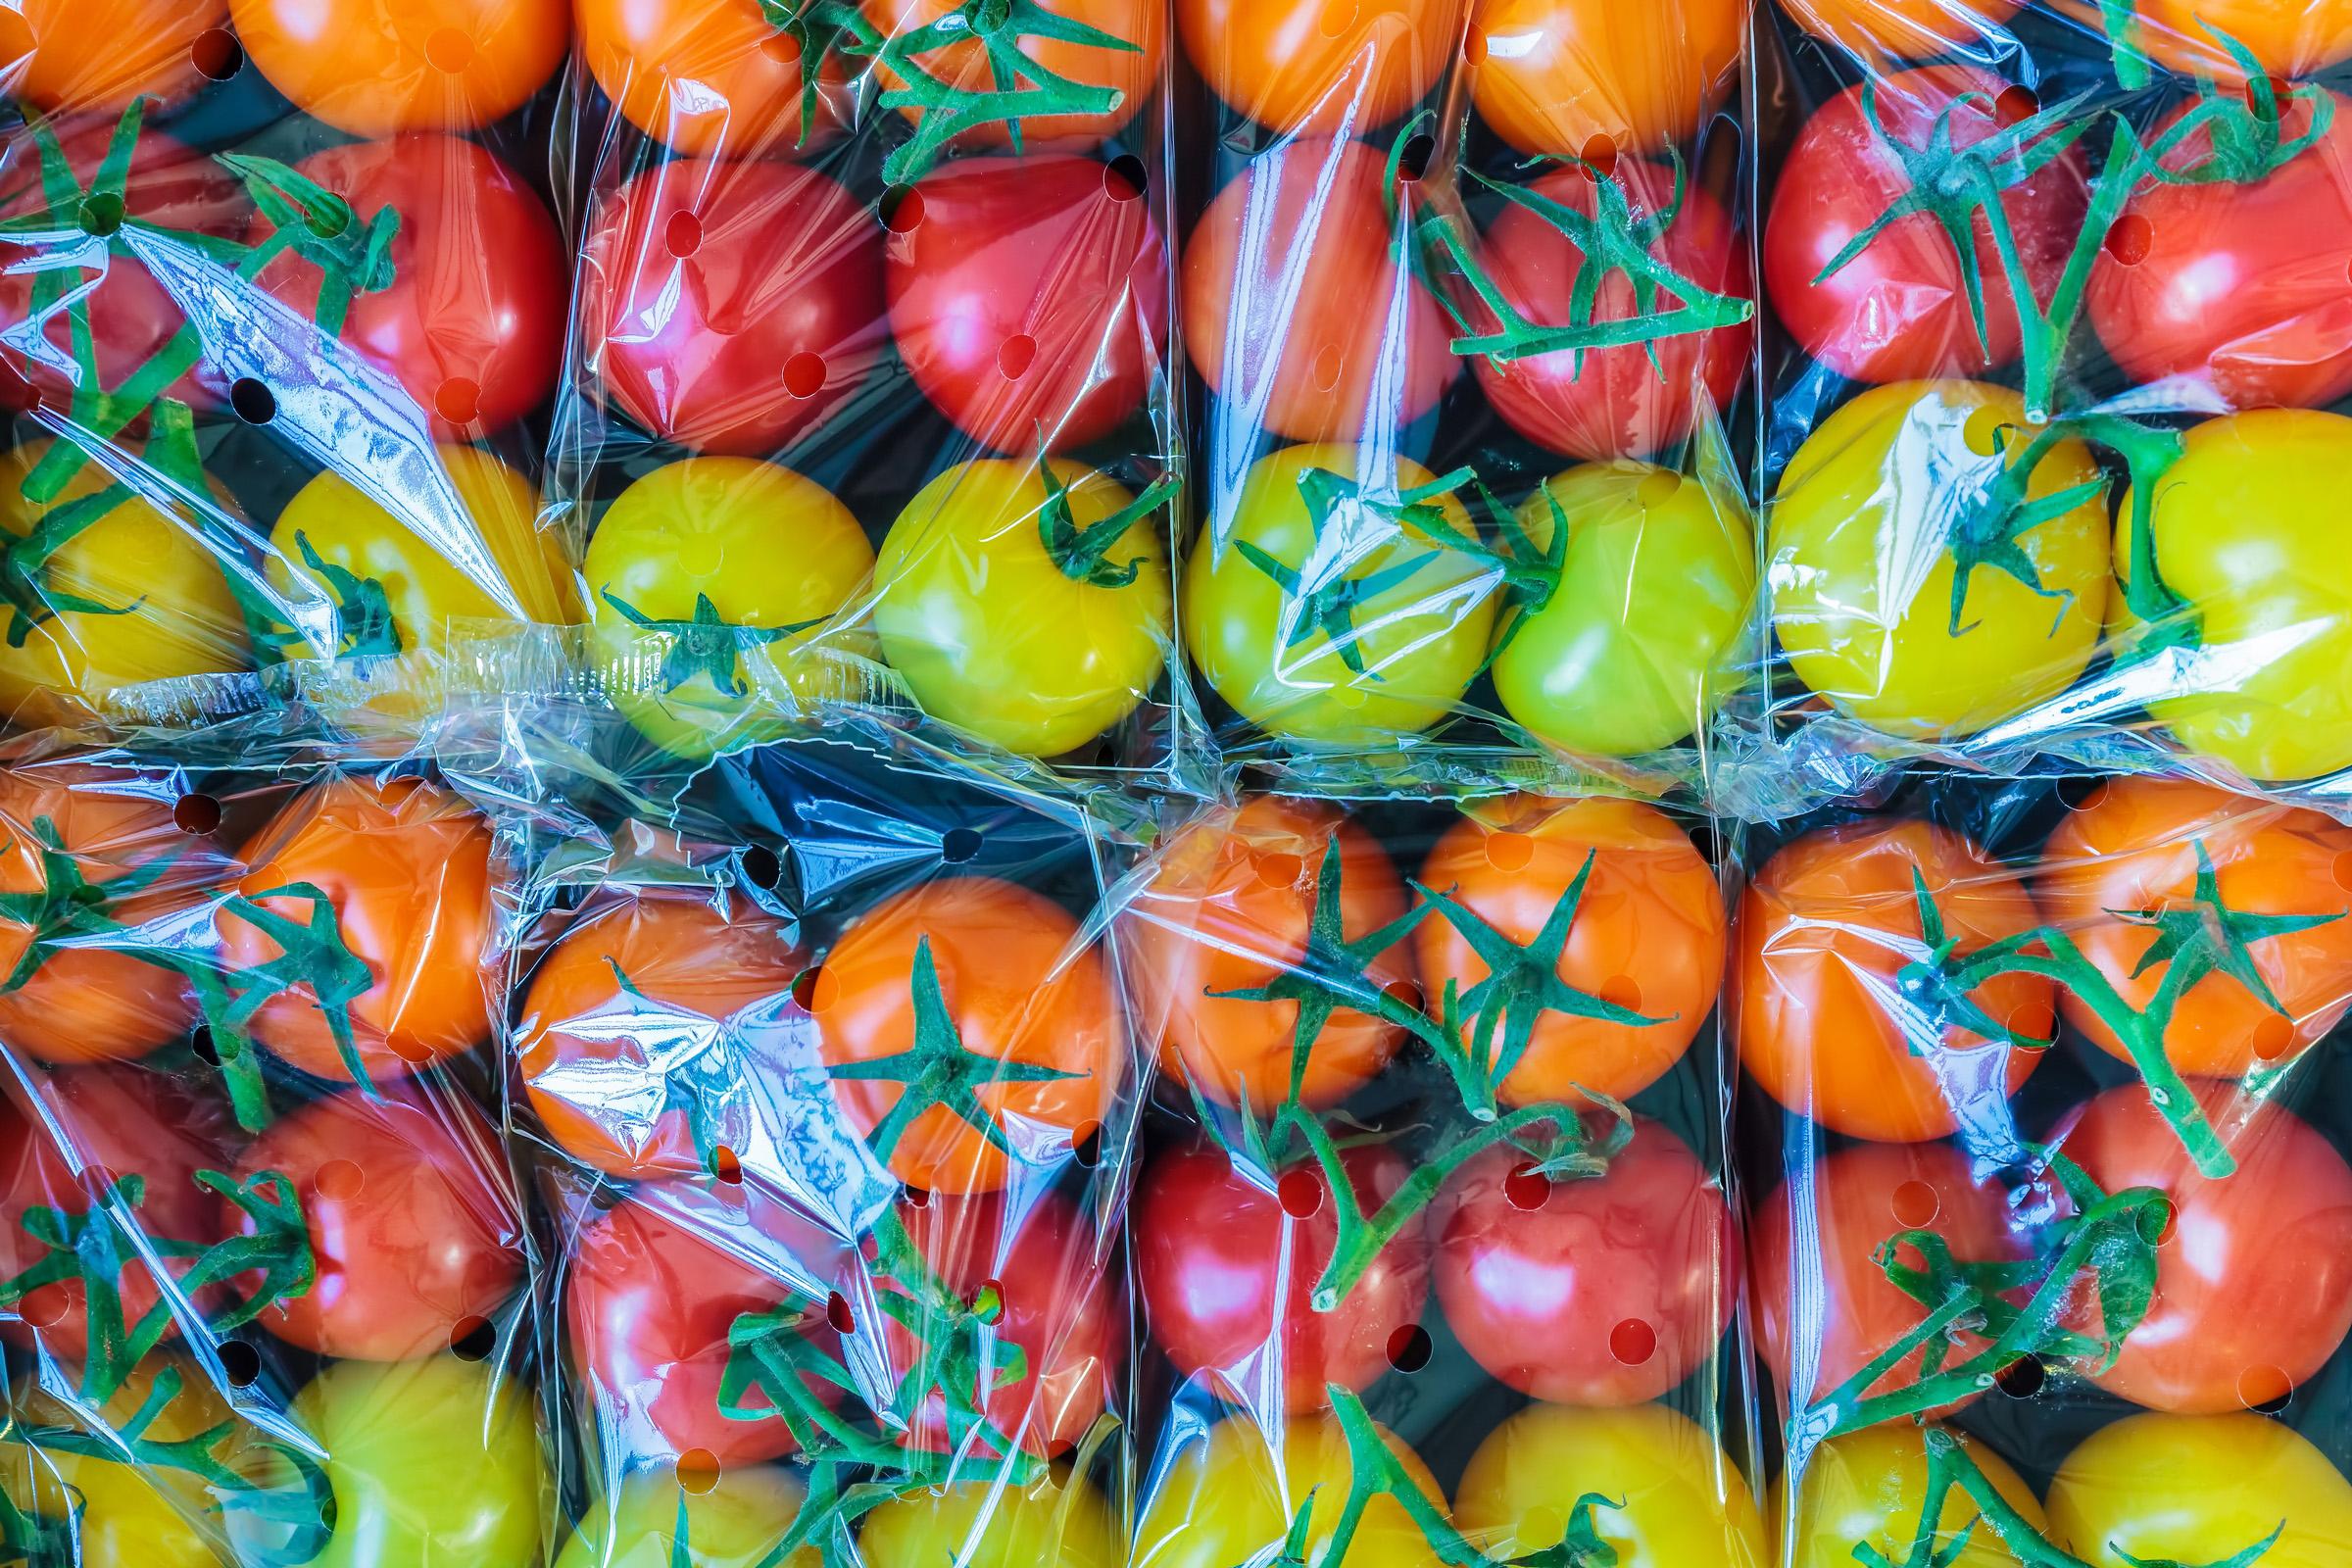 Παράταση της ημερομηνίας λήξης των τροφίμων με νανοϋλικά